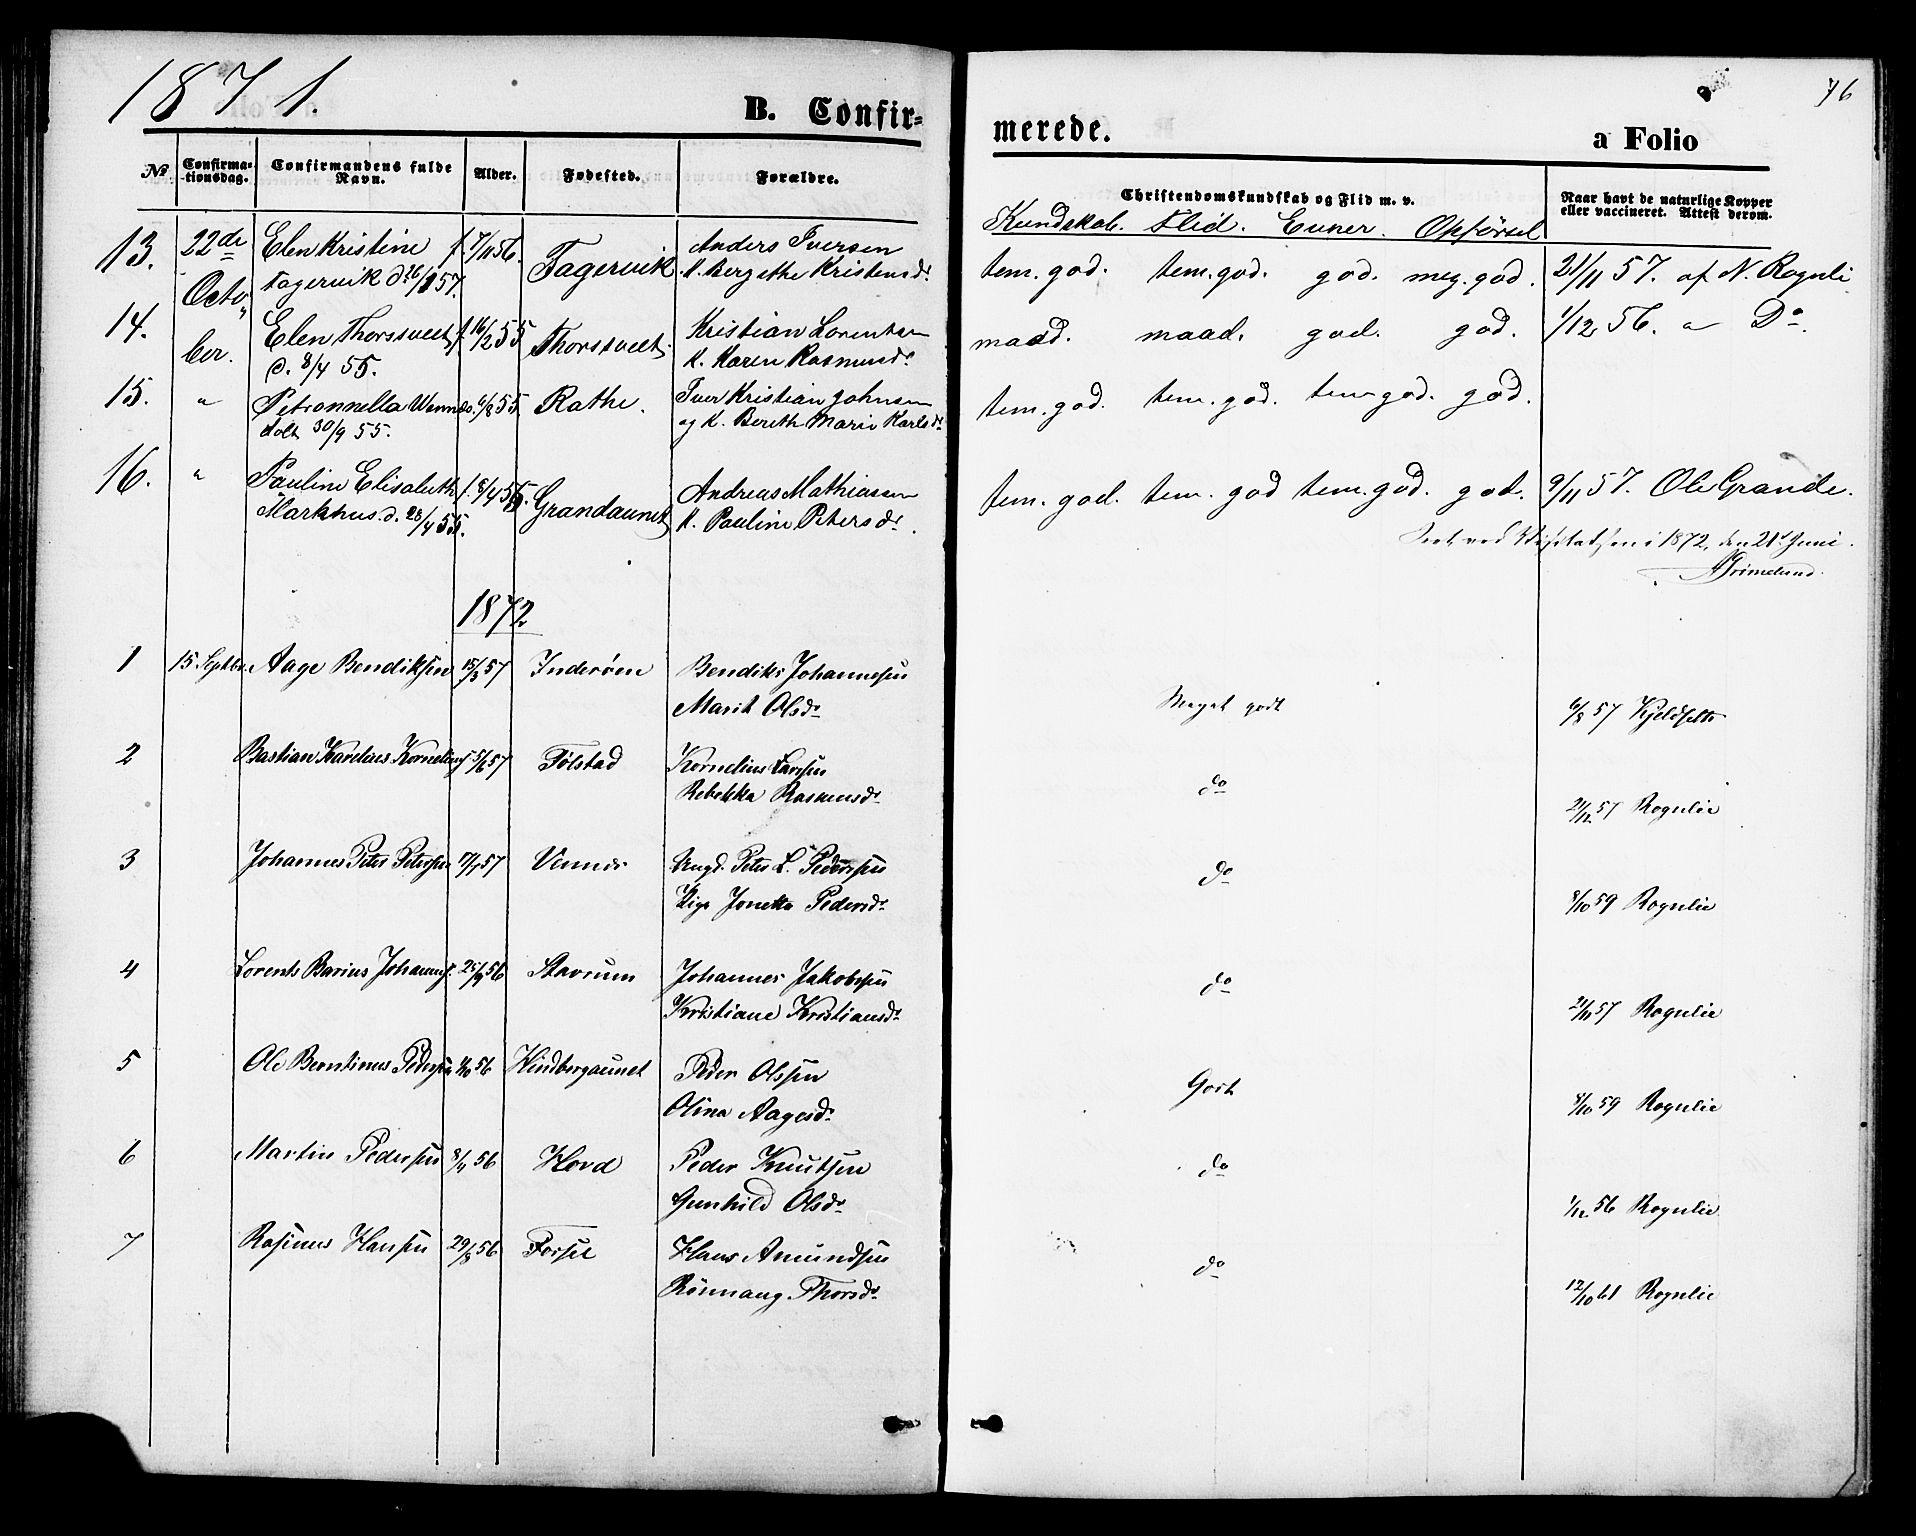 SAT, Ministerialprotokoller, klokkerbøker og fødselsregistre - Nord-Trøndelag, 744/L0419: Ministerialbok nr. 744A03, 1867-1881, s. 76